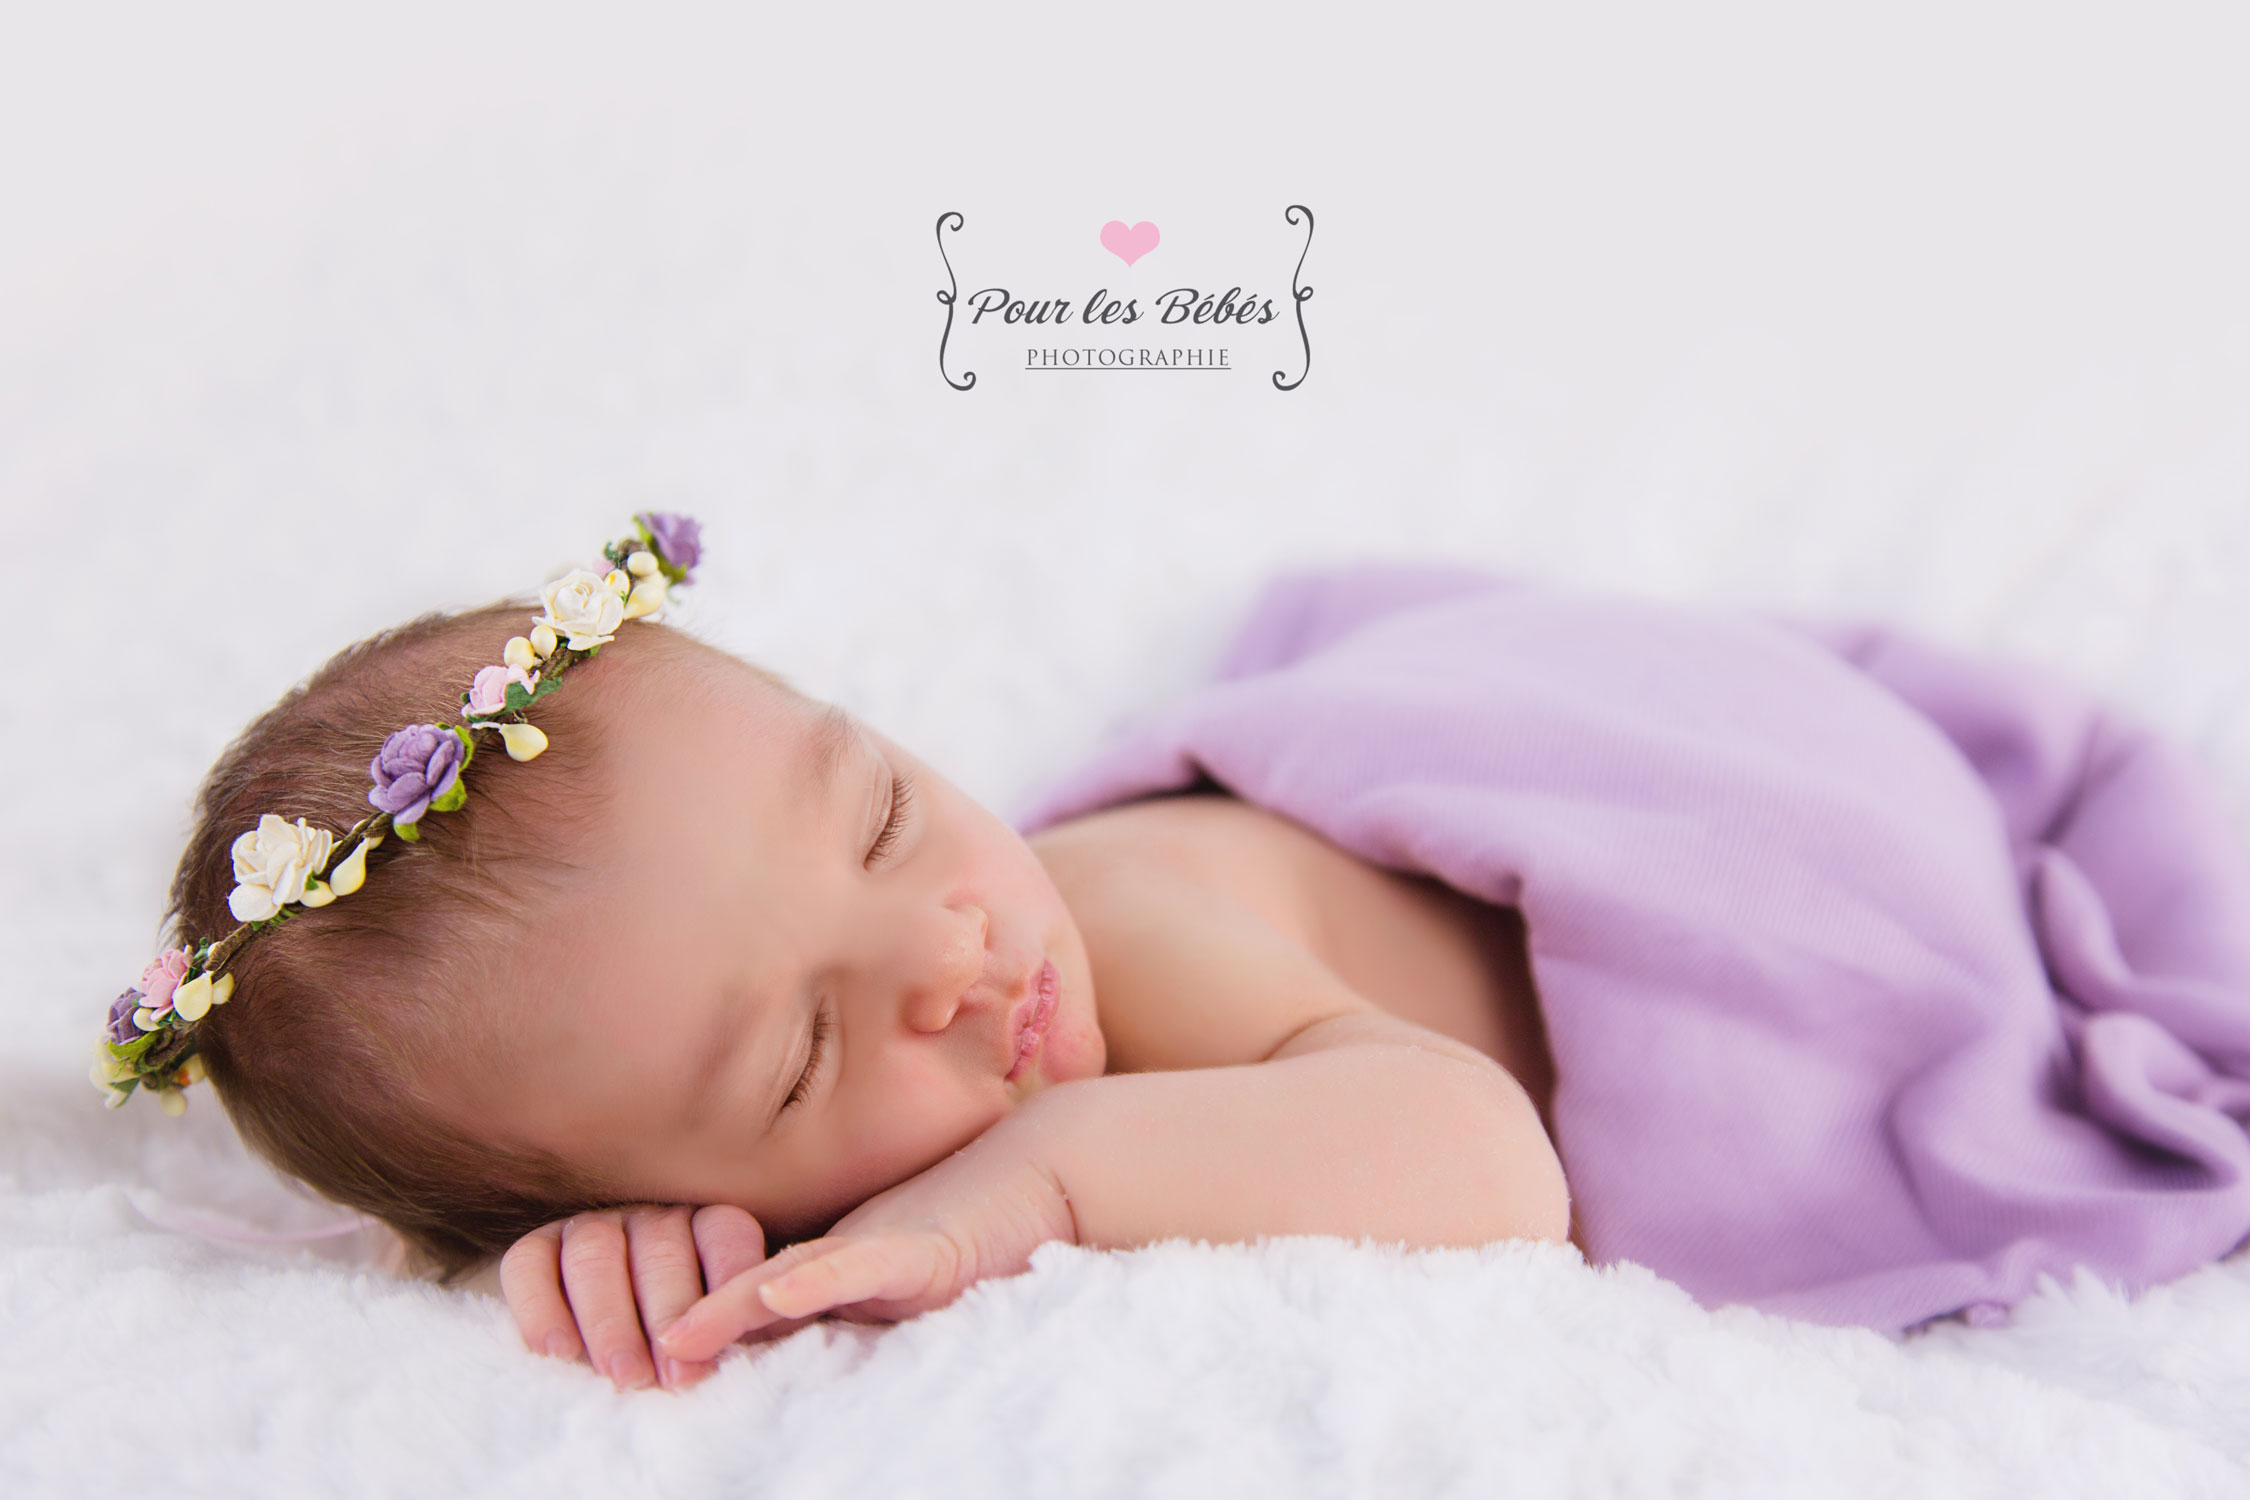 photographe-studio-nouveau-né-famille-enfance-bébé-nourrisson-grossesse-montpellier-nimes-lunel-mauguio-sommières-241